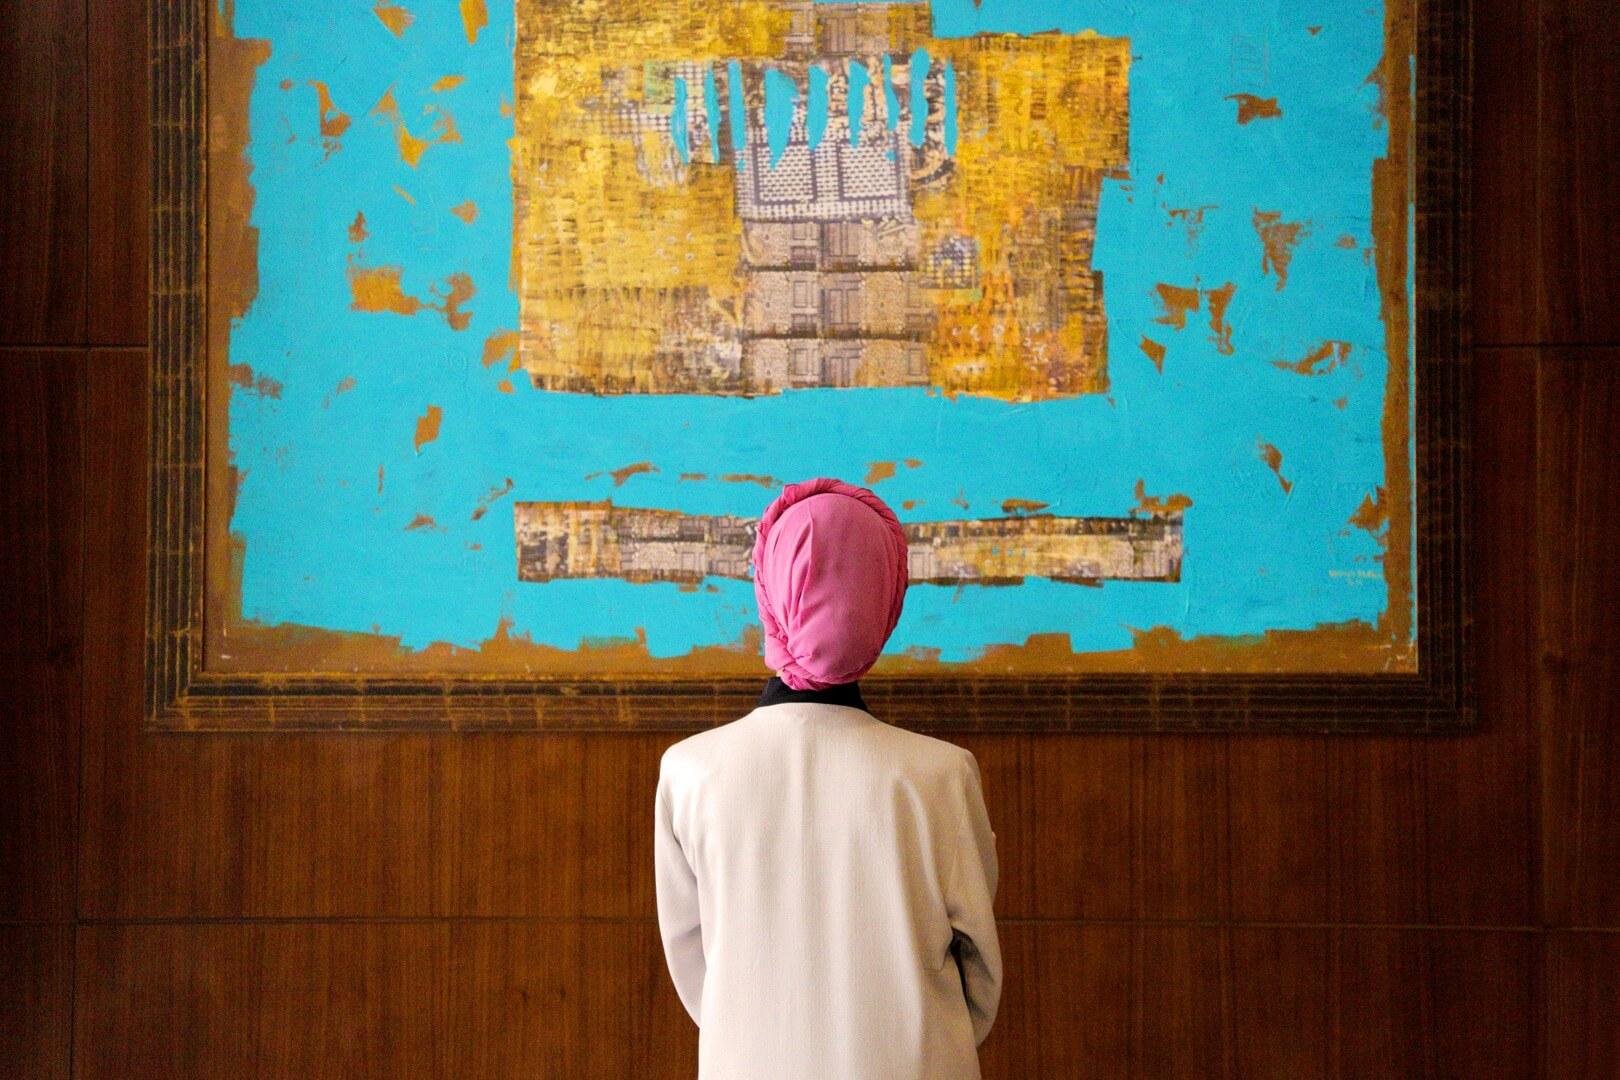 معرض فنون بيلسان  - مدينة الملك عبد الله الاقتصادية